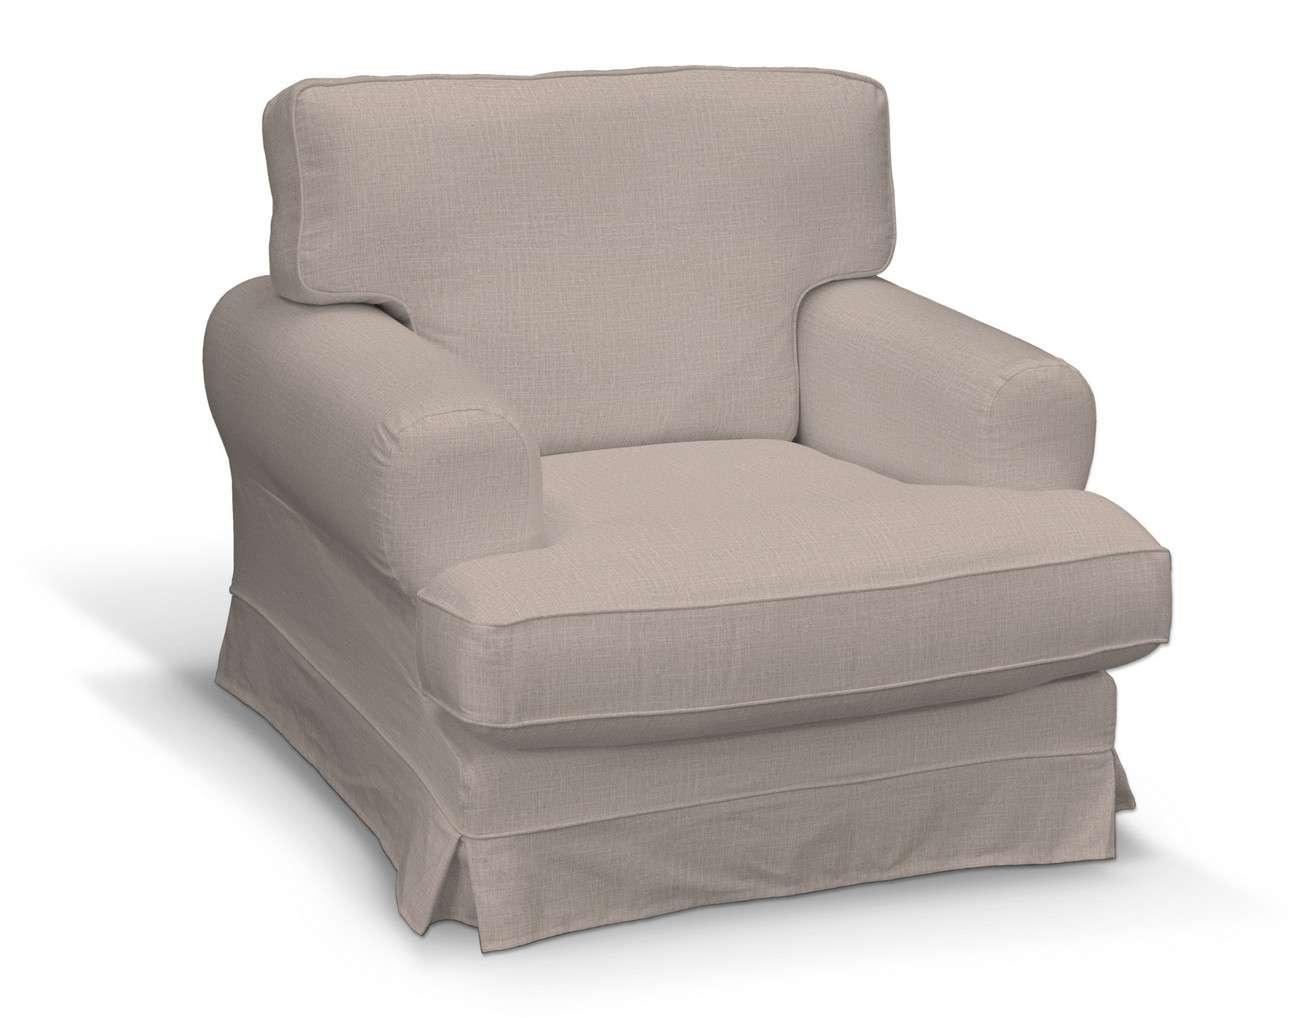 Pokrowiec na fotel Ekeskog w kolekcji Living, tkanina: 160-85